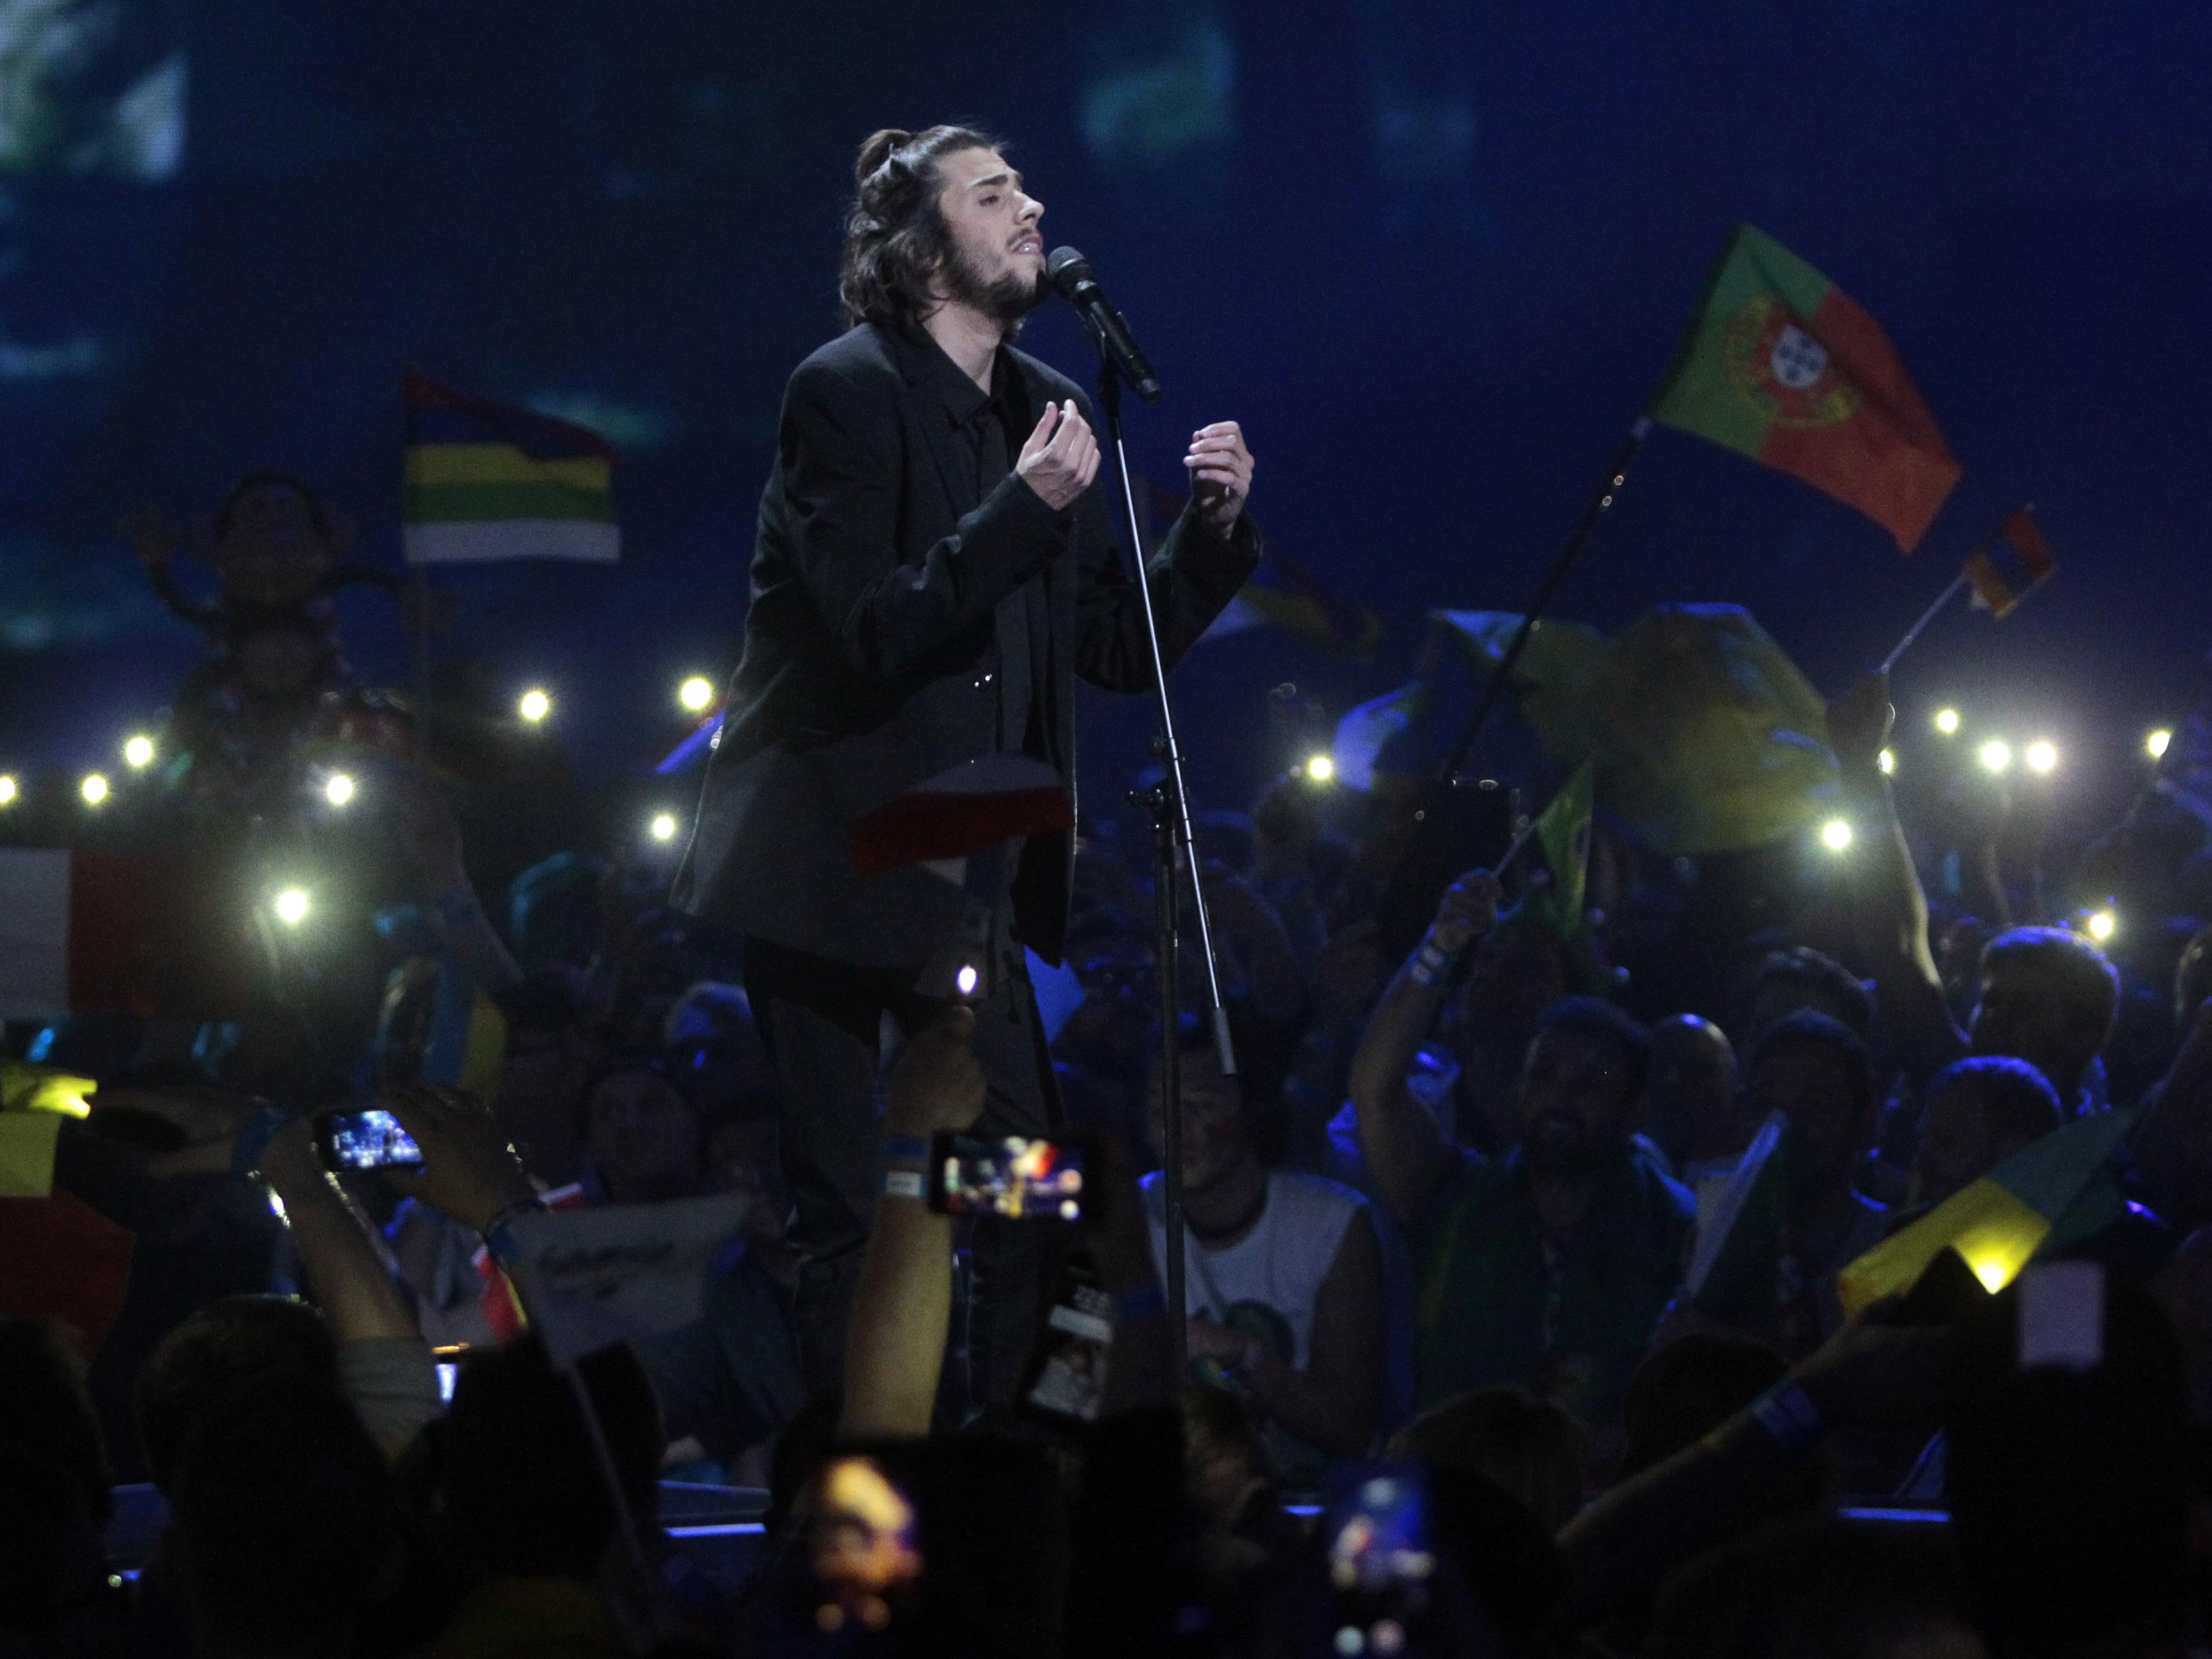 Salvador Sobral gewinnt für Portugal den Eurovision Song Contest 2017.